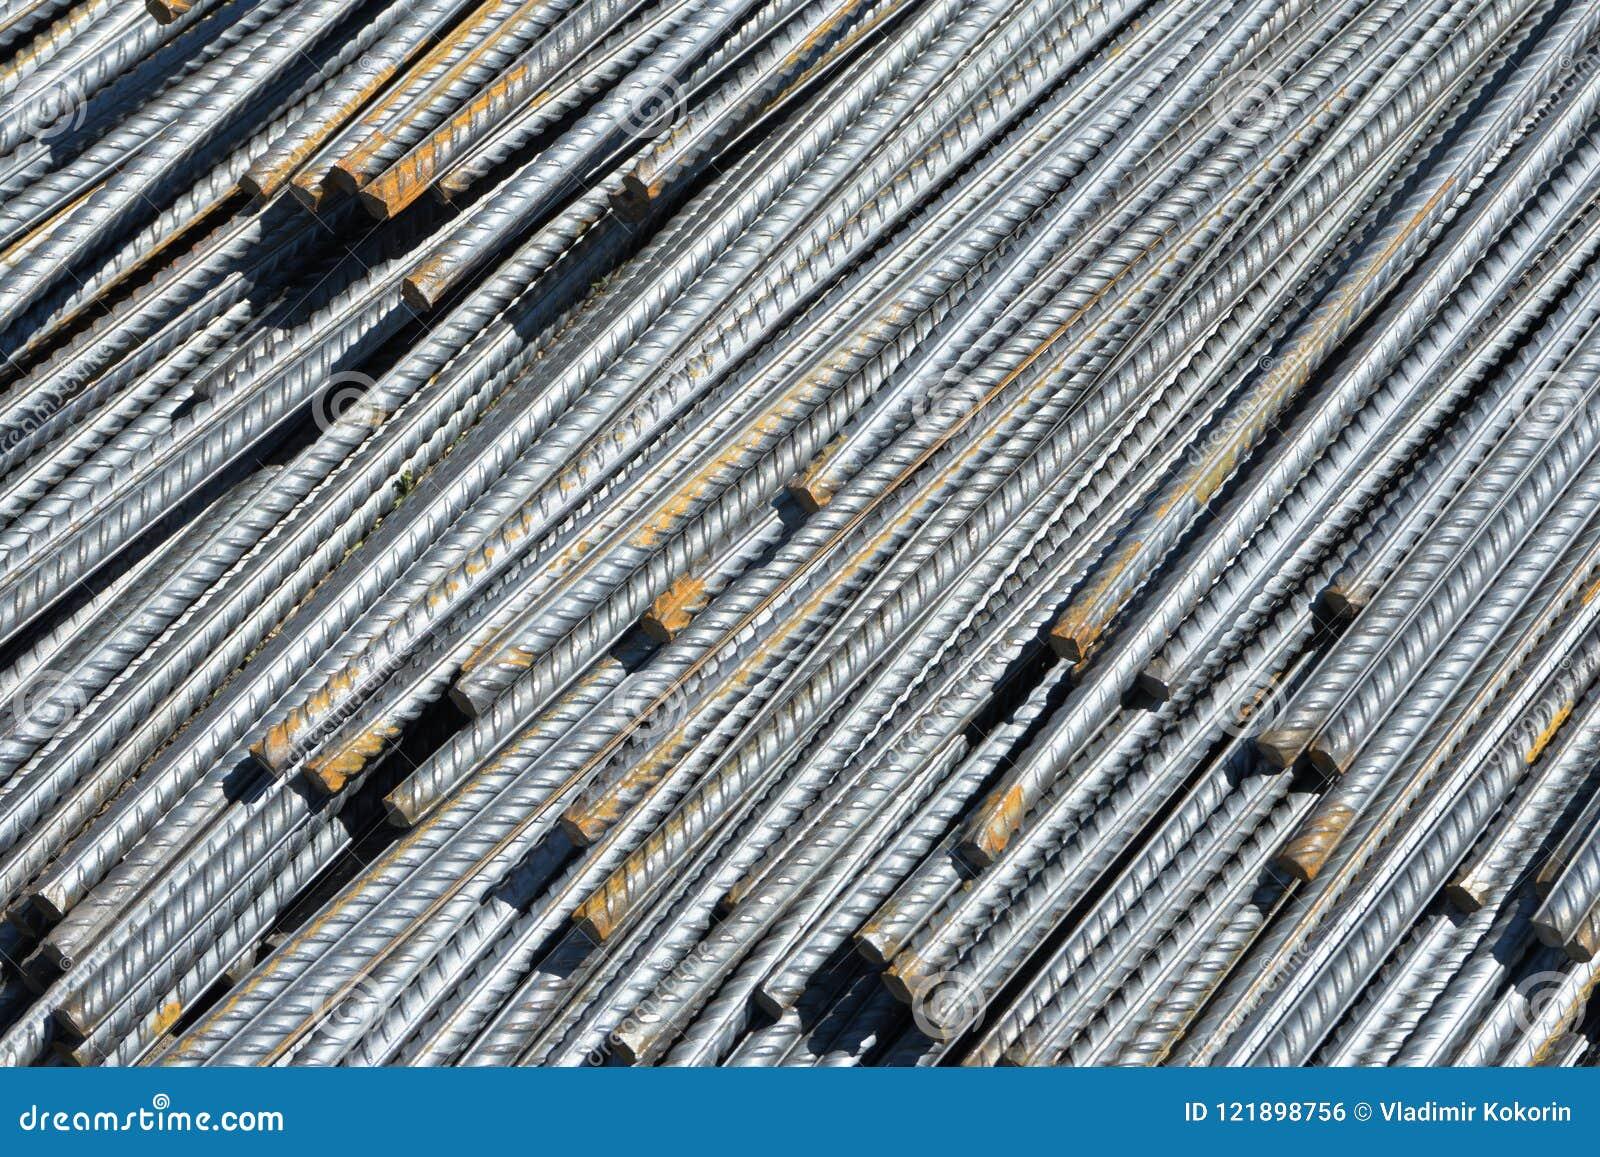 Подкрепление для изготовления бетонных конструкций и учреждений